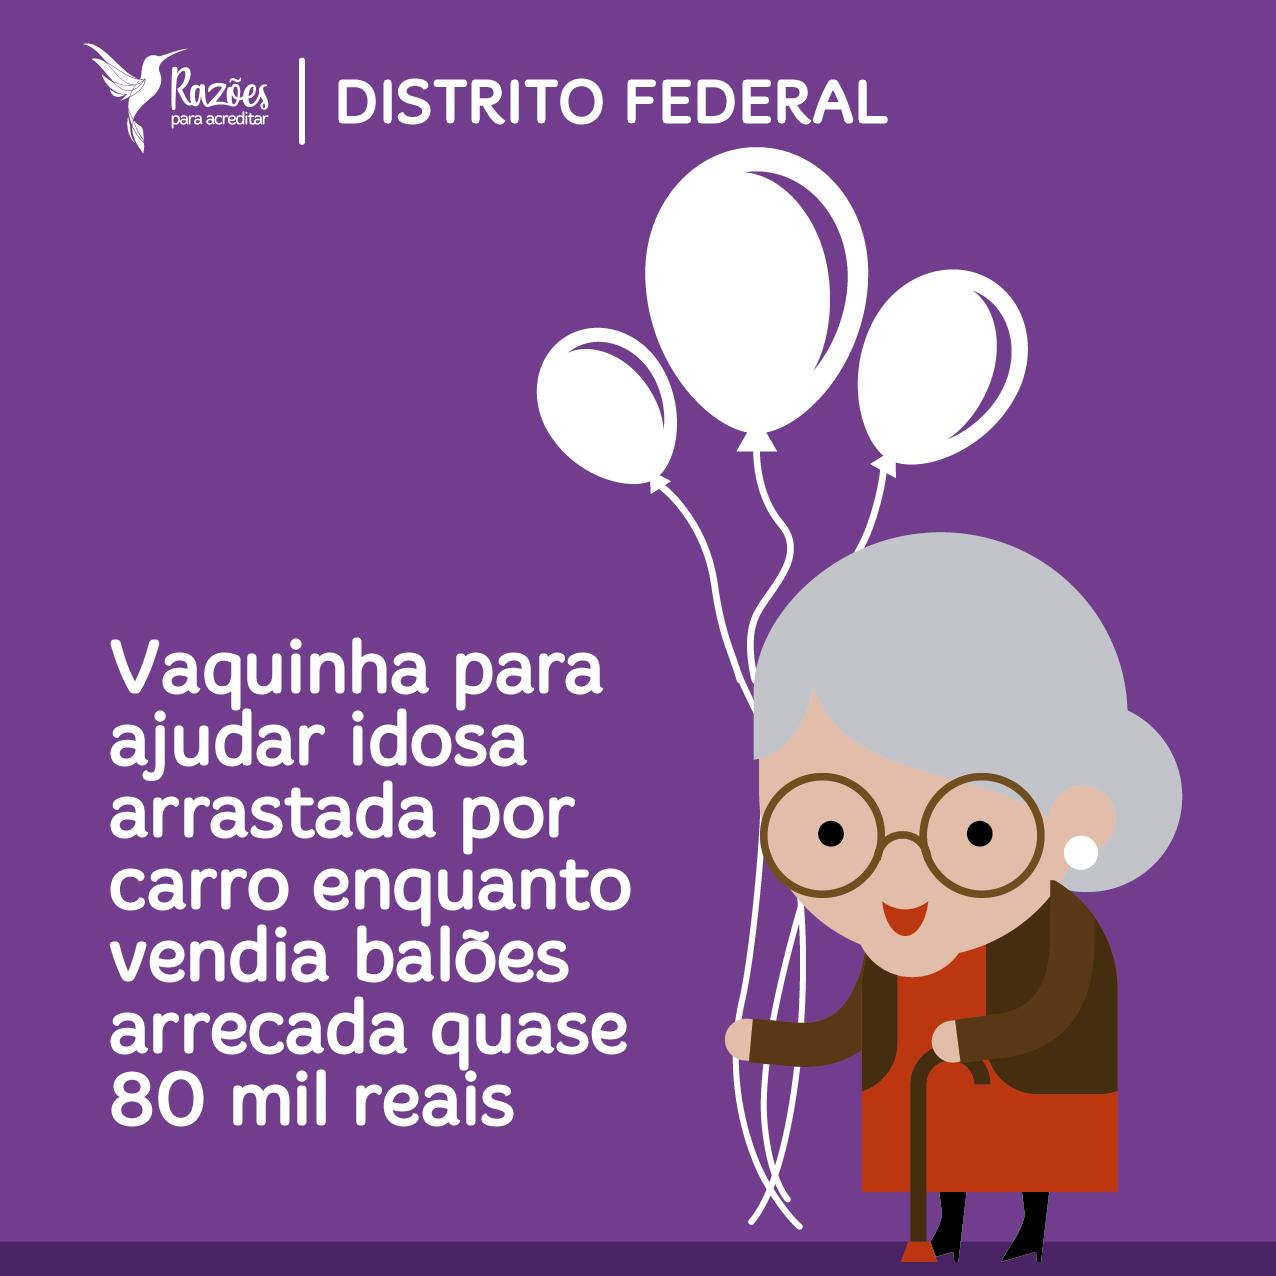 boas notícias ilustrações razões para acreditar - Distrito Federal